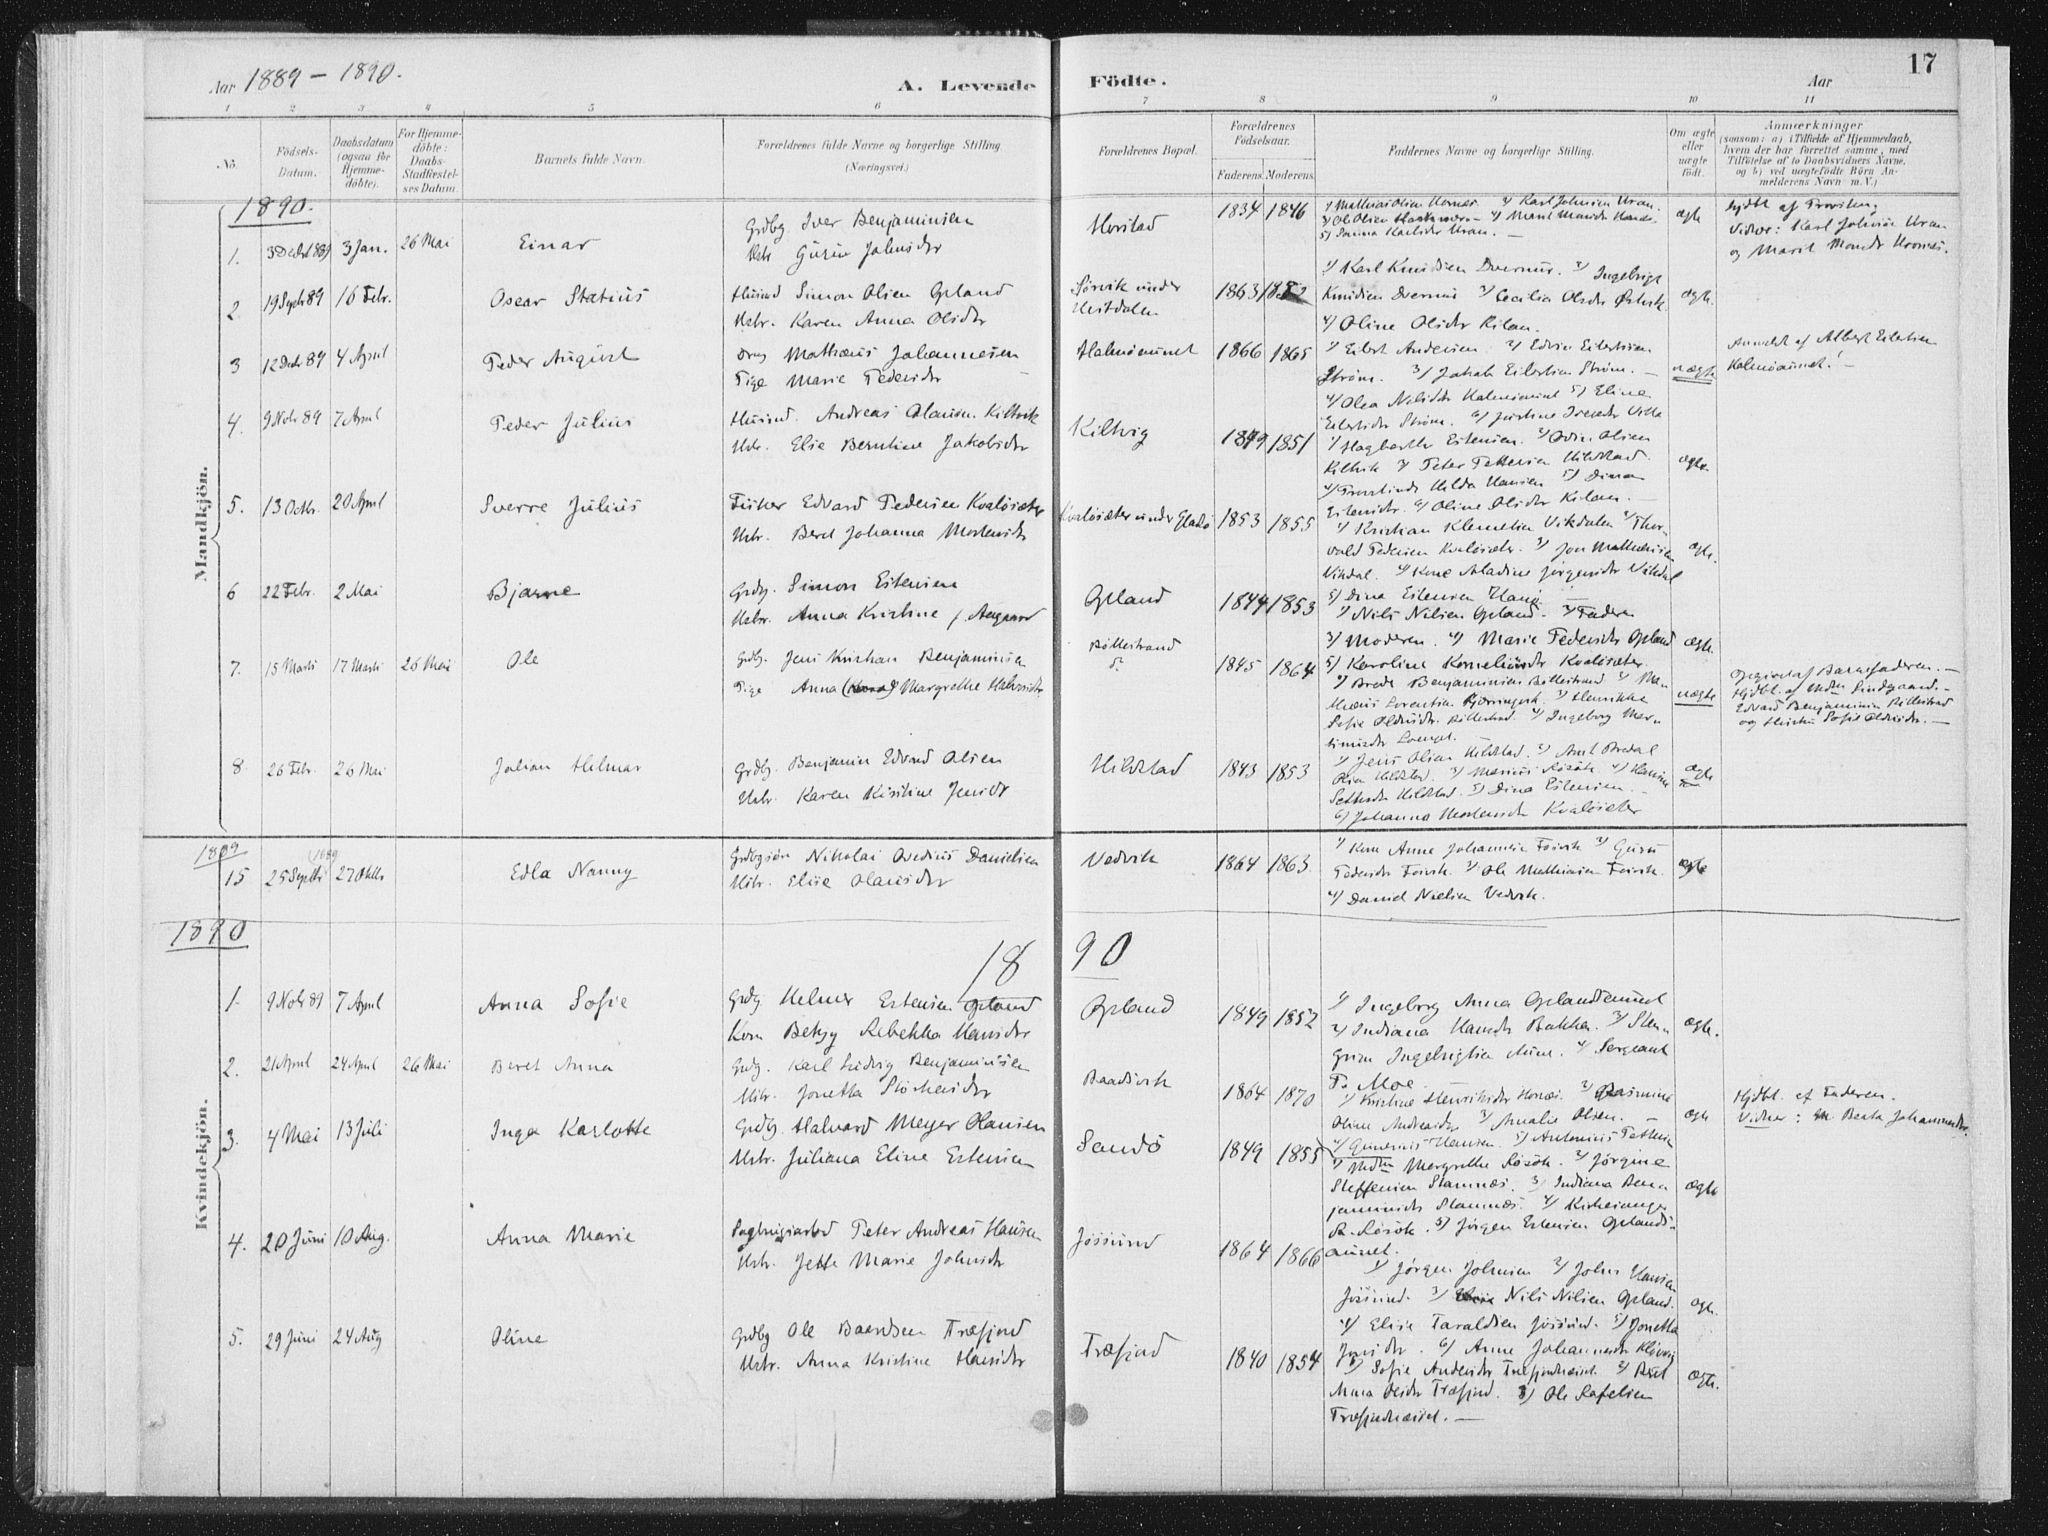 SAT, Ministerialprotokoller, klokkerbøker og fødselsregistre - Nord-Trøndelag, 771/L0597: Ministerialbok nr. 771A04, 1885-1910, s. 17